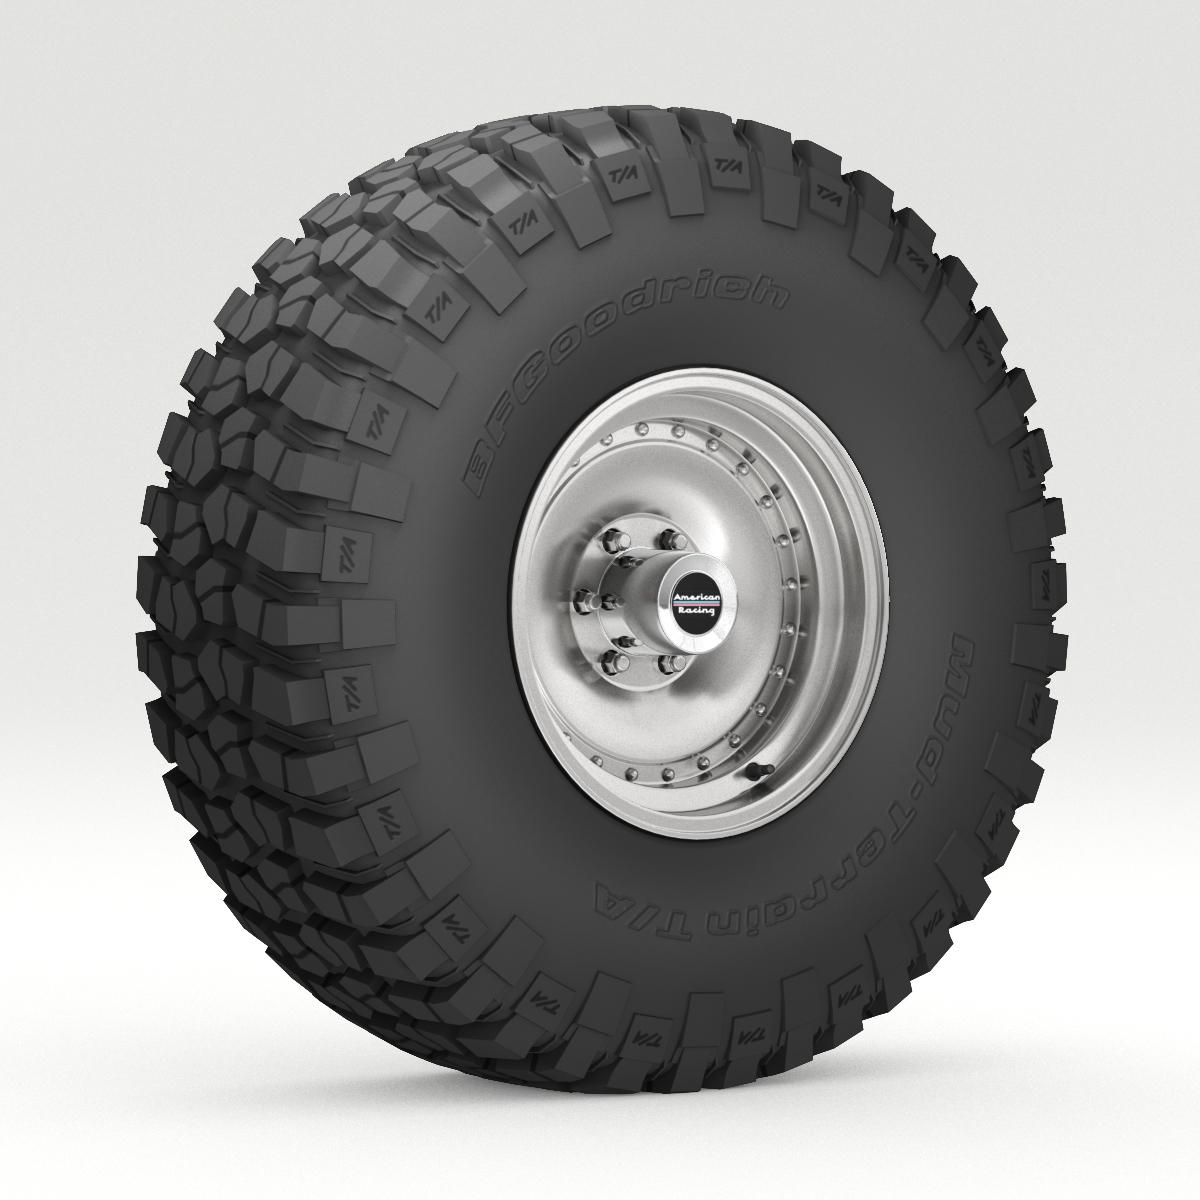 Off Road wheel and tire 6 3d model 3ds max fbx obj 273549